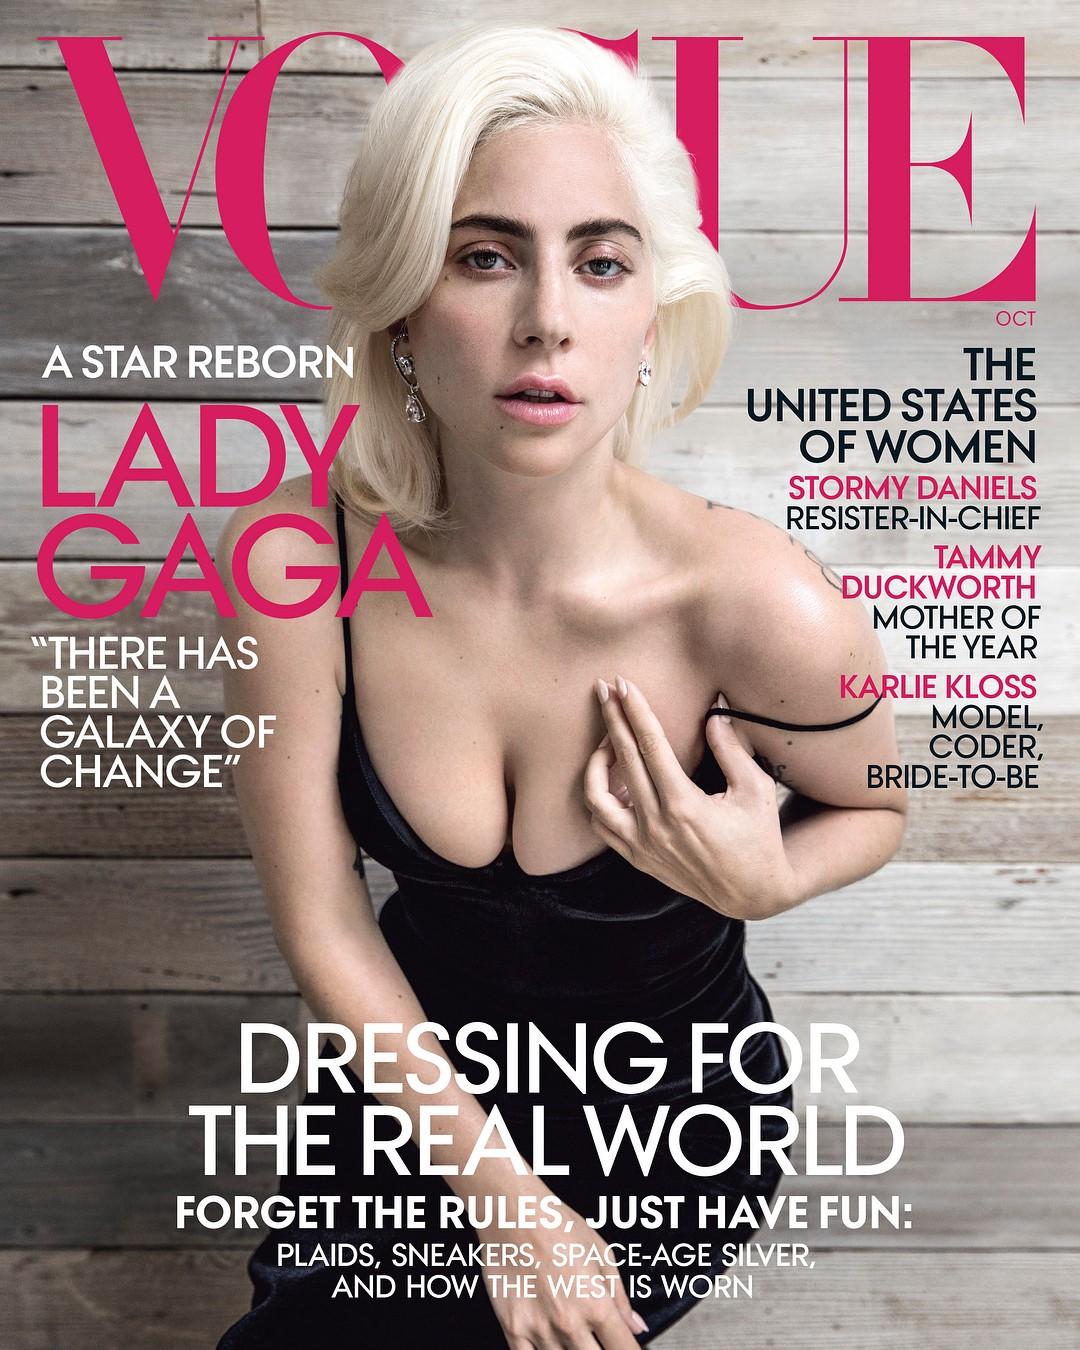 Lady Gaga na Vogue americana de outubro 2018 (Foto: Reprodução/Instagram: @ladygaga)